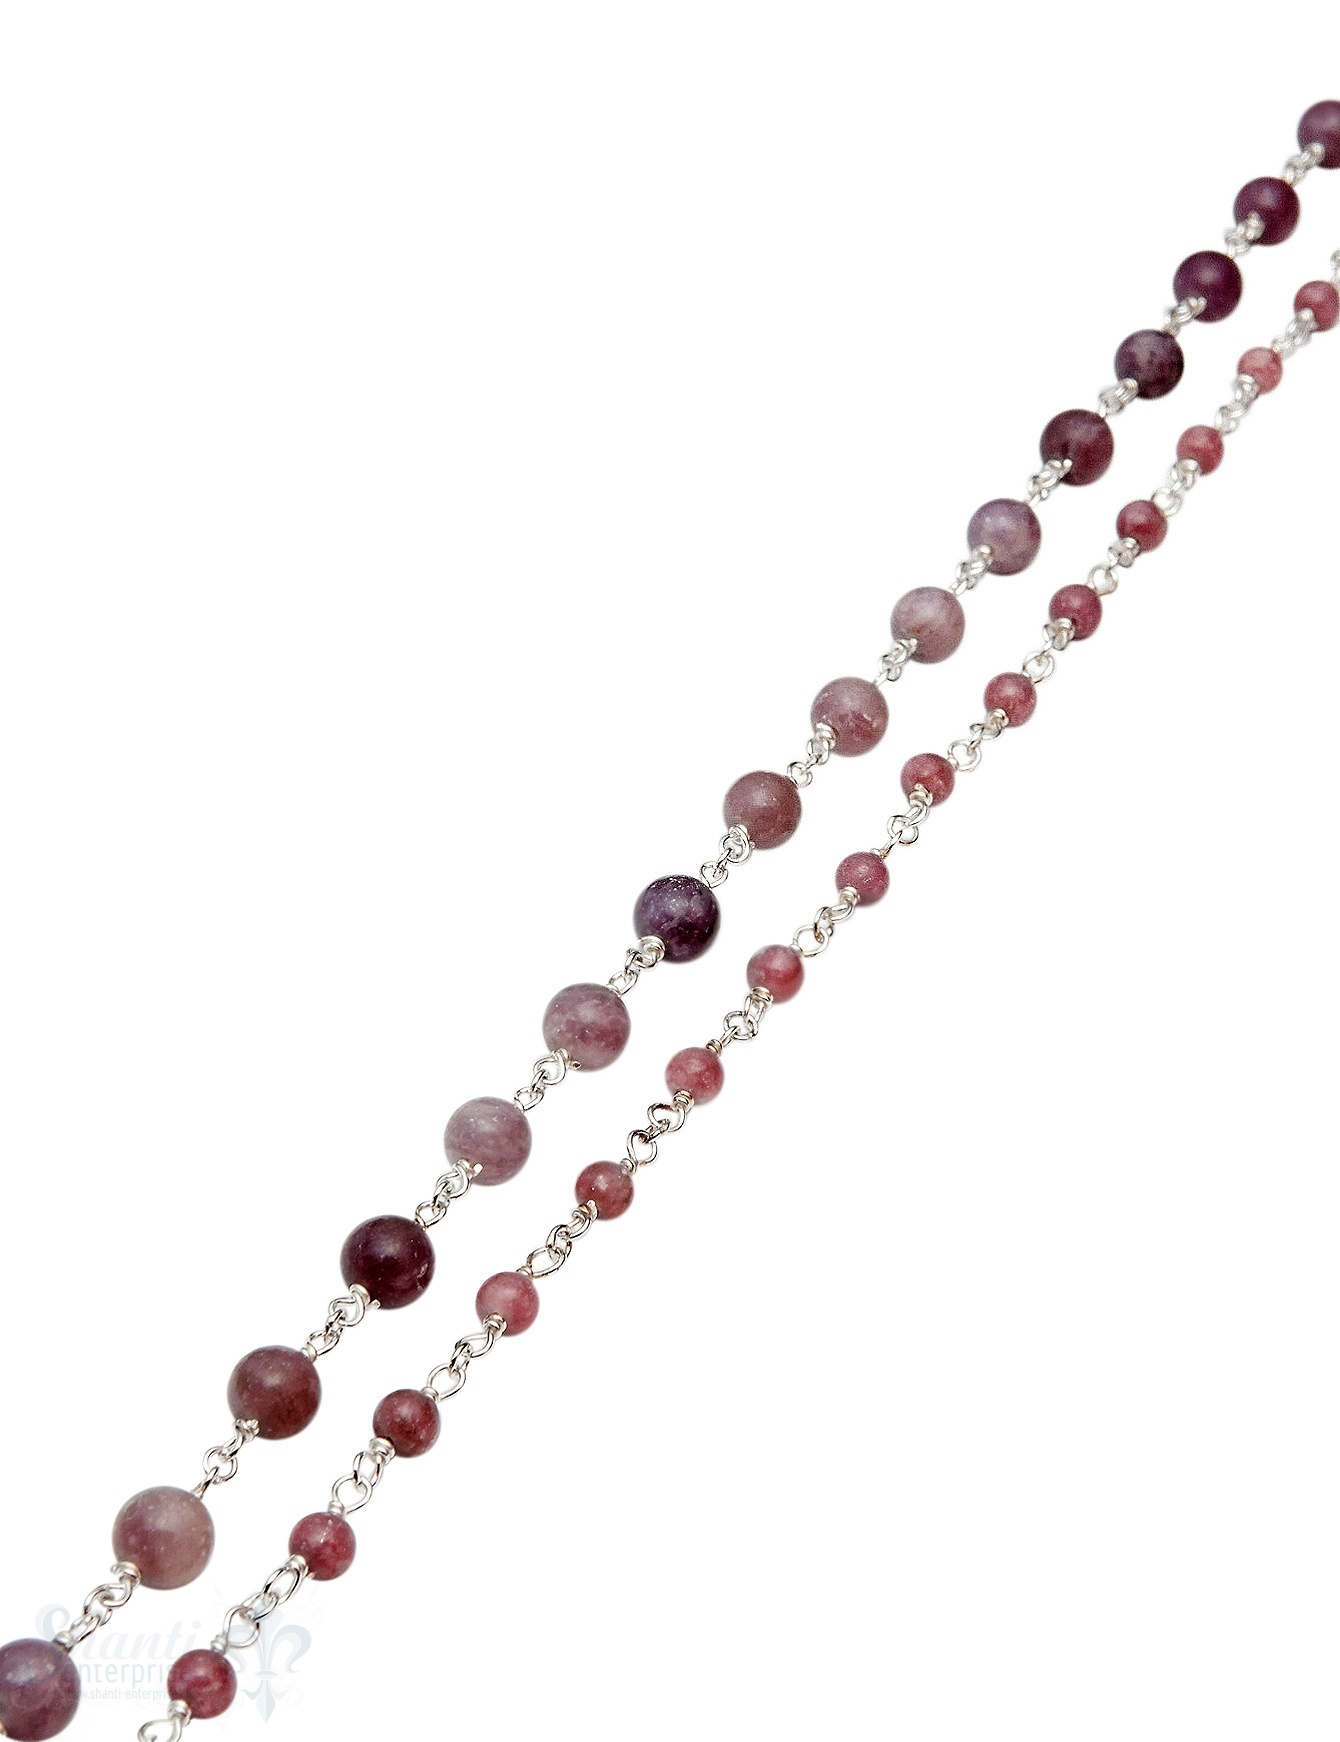 Rosenkranzkette Lepidolith rund poliert Silber 925 Abschnittlänge wird angepasst Preis per m